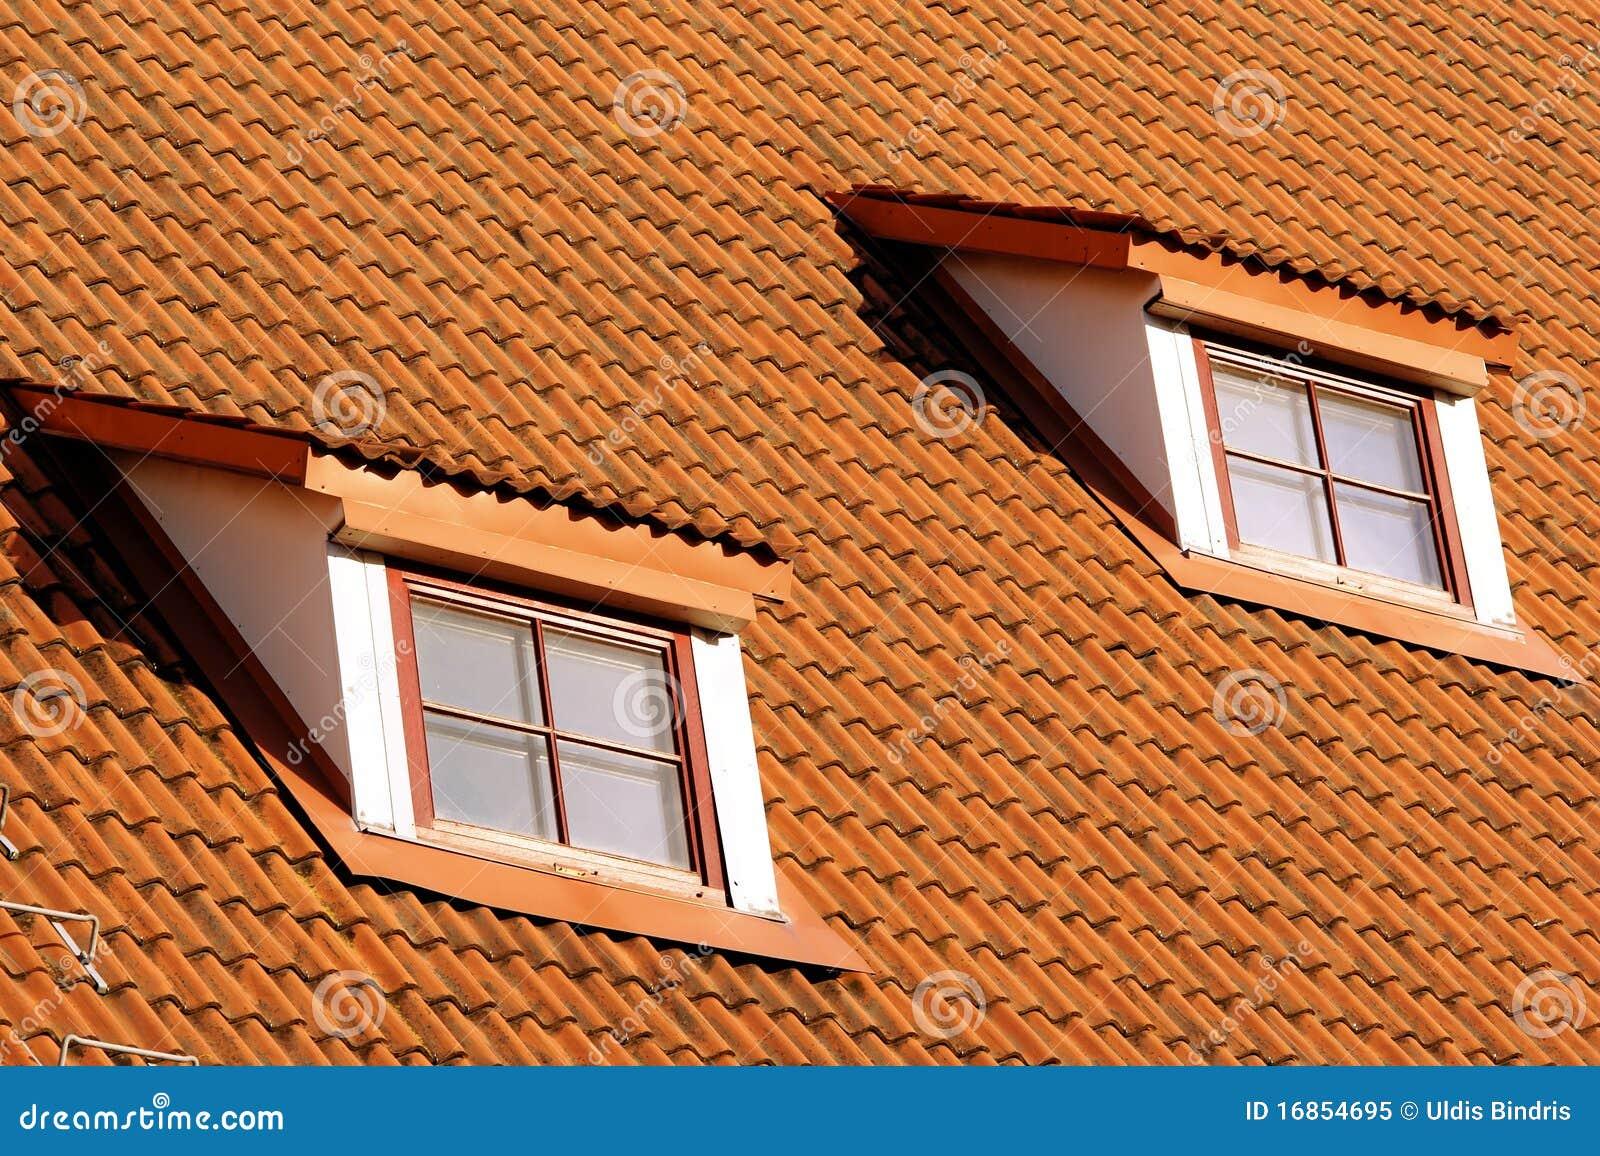 Tetto di piastrellatura con le finestre fotografia stock for Finestre a tetto